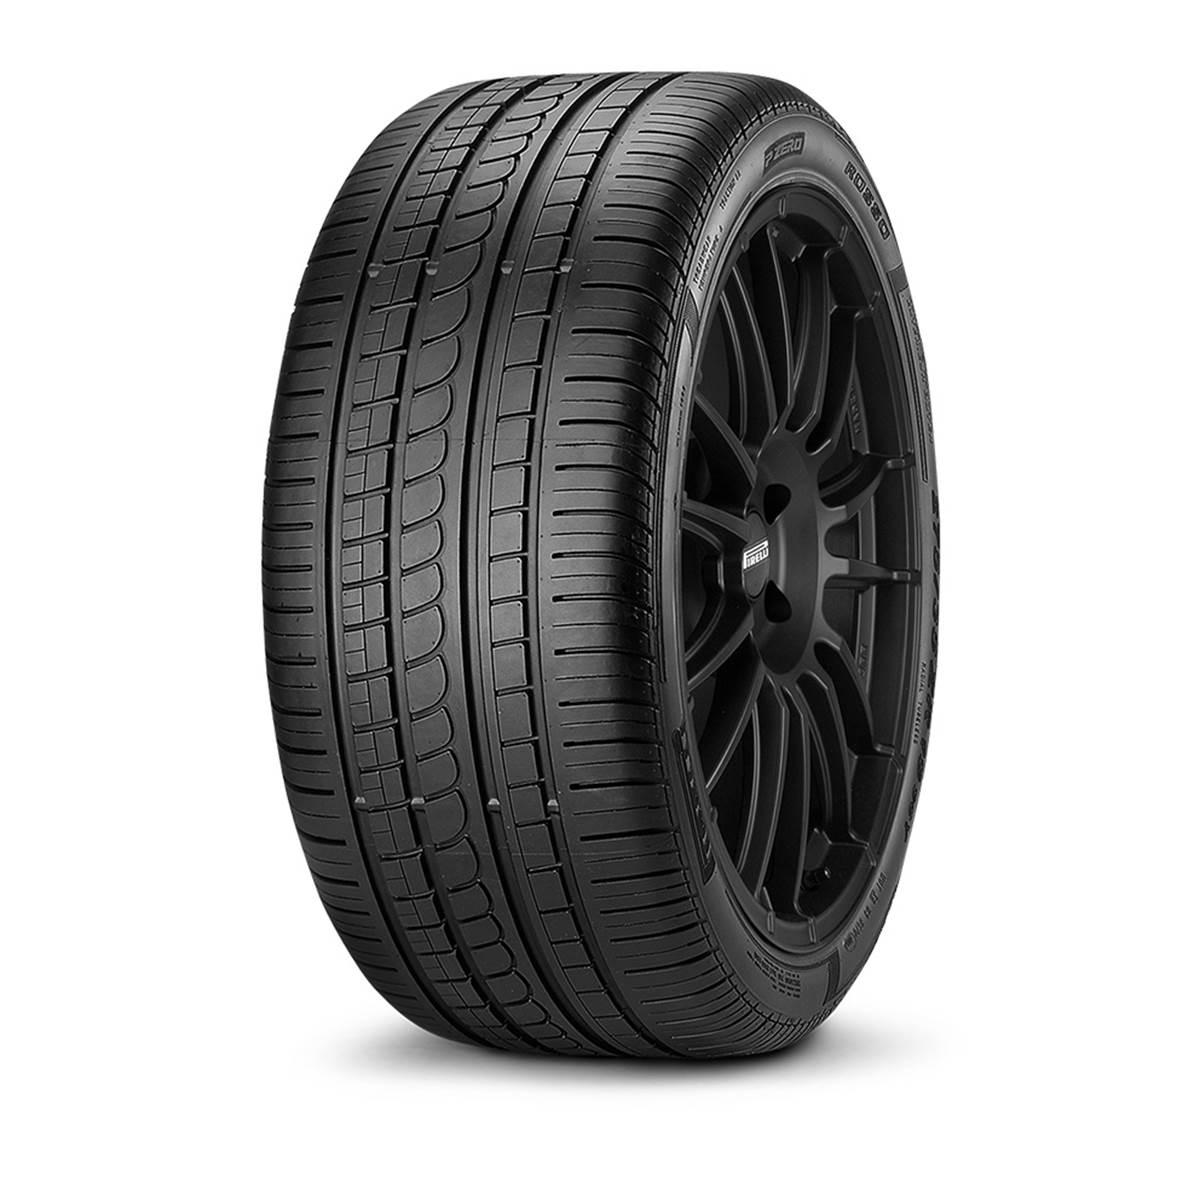 Pneu Pirelli 195/45R16 84V Pzero Nero (Gt) XL